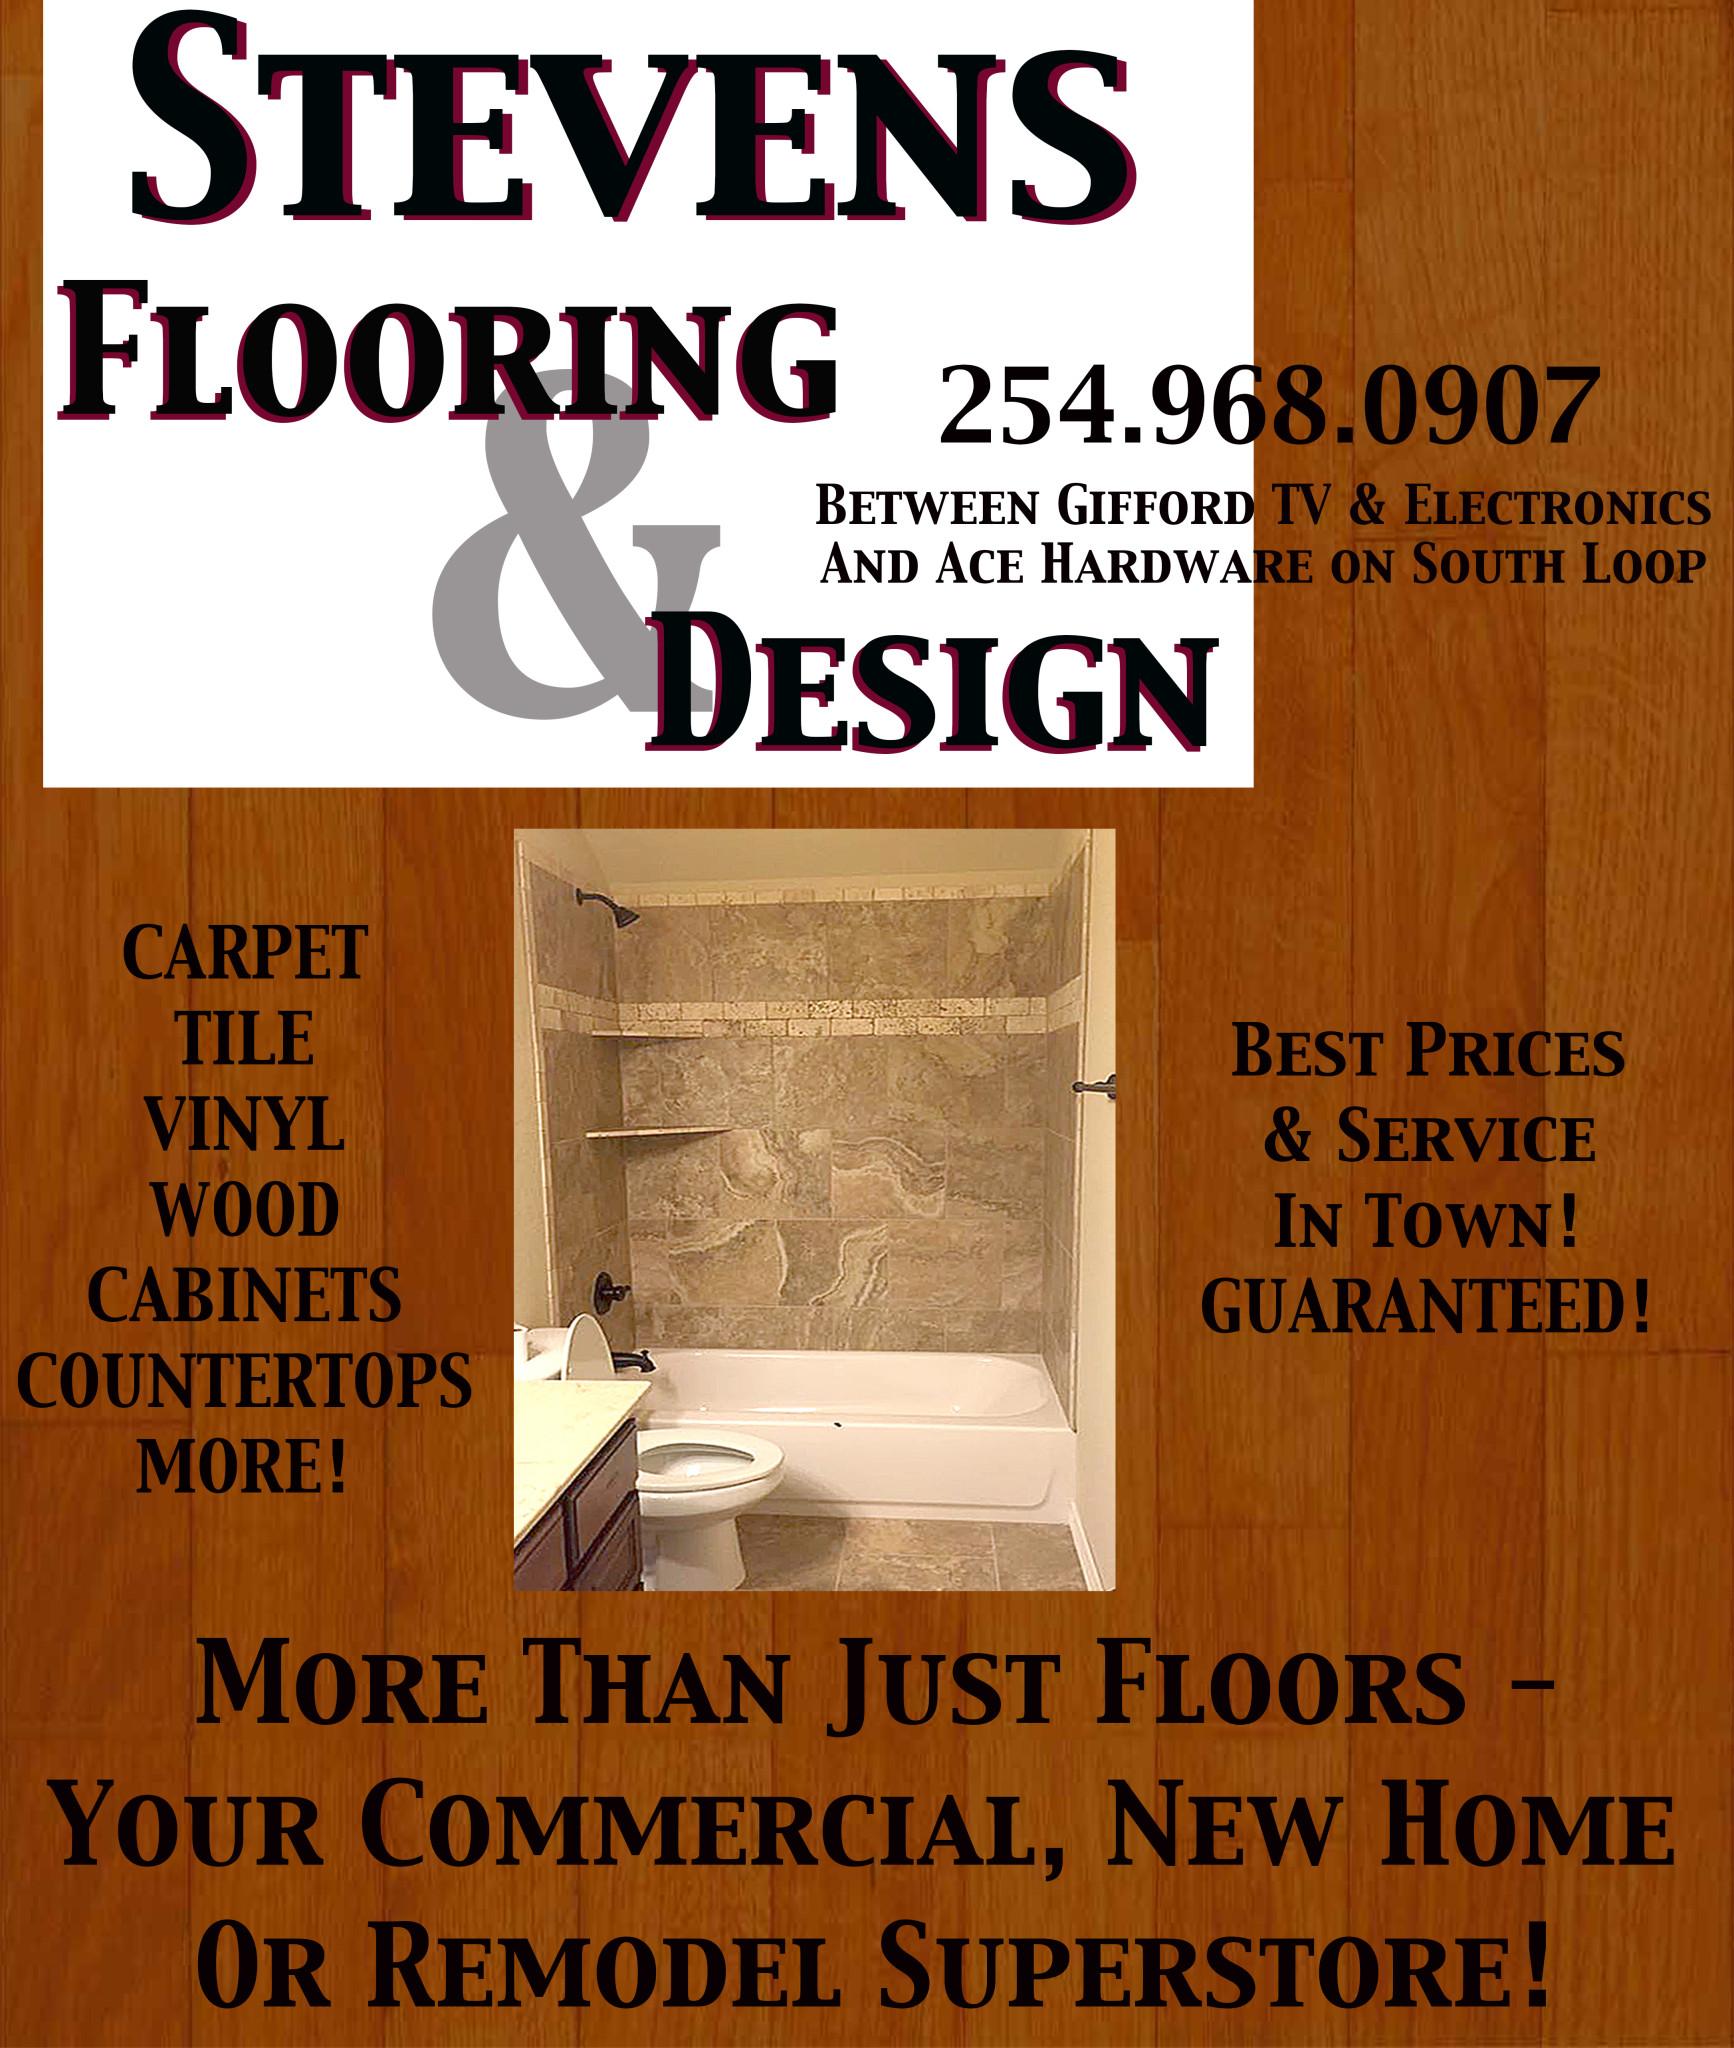 Stevens Flooring & Design 012216